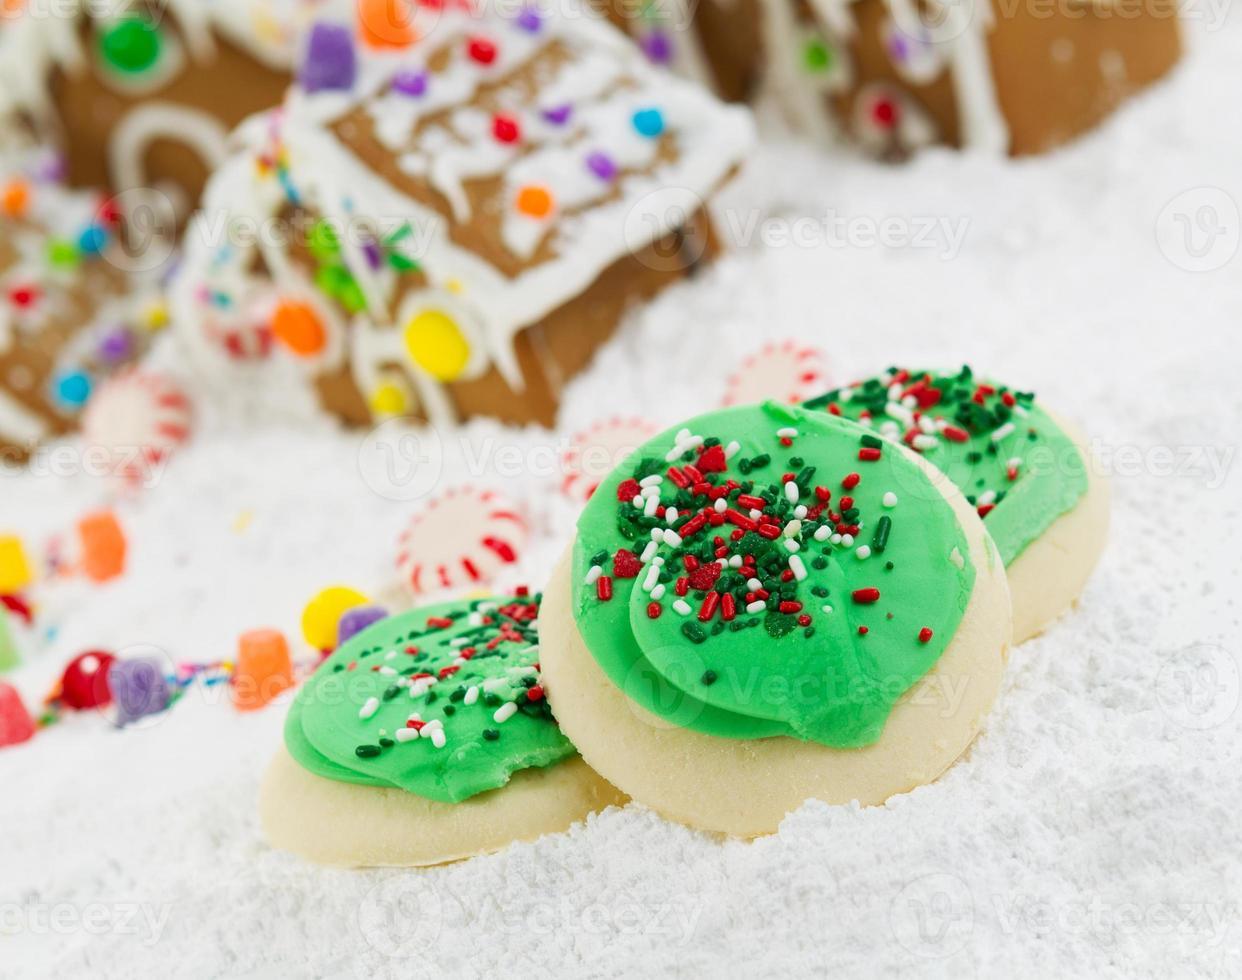 gefrostete Weihnachtsplätzchen für die Jahreszeit der Freude foto